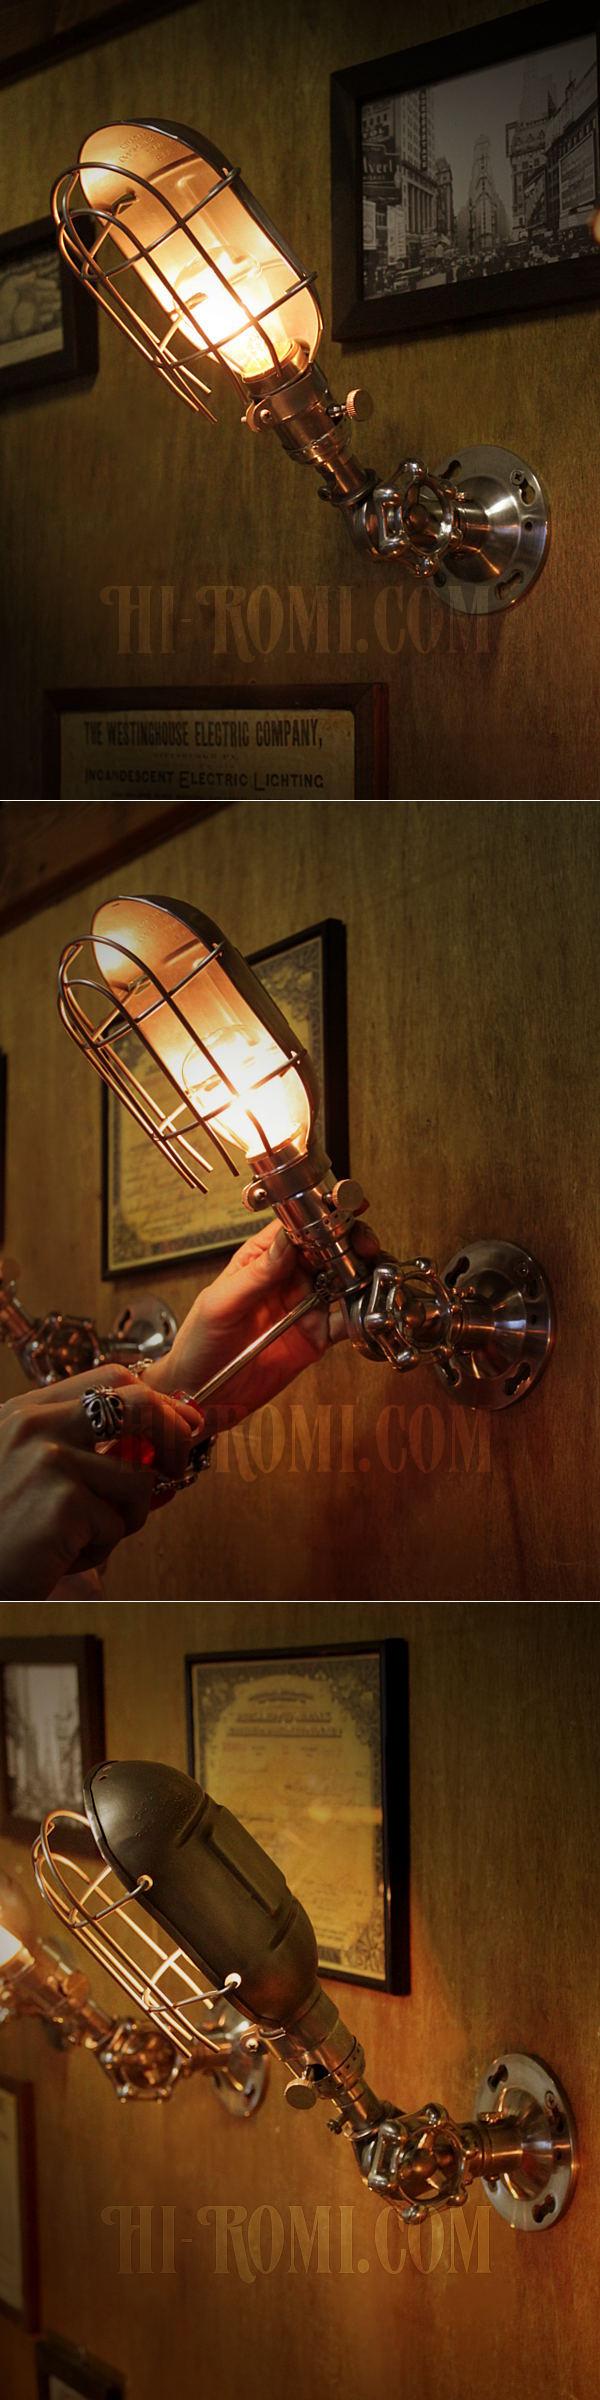 USAヴィンテージバルブ角度調整&ワイヤーケージ付LEVITON社アルミ製ソケットブラケット/アンティーク工業系作業灯トラブルライト照明壁掛ランプ